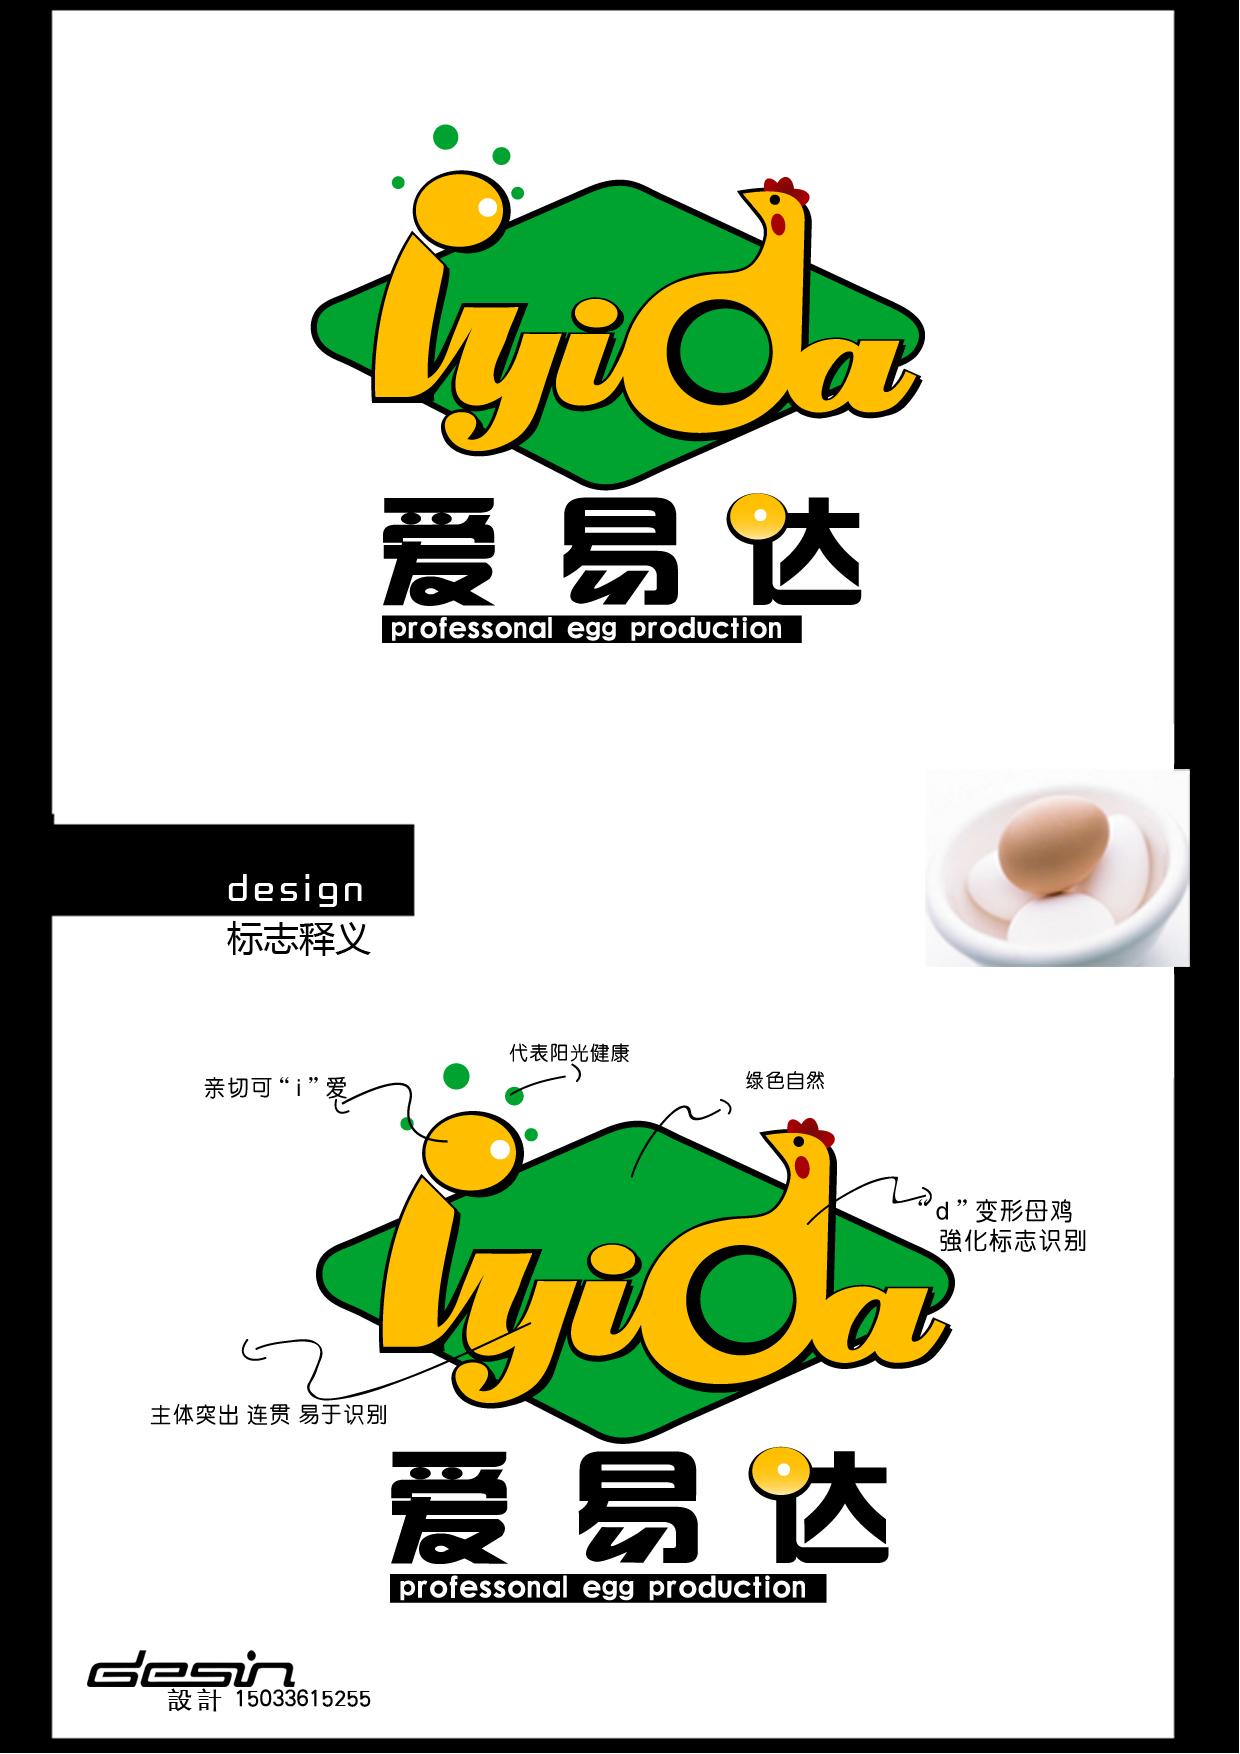 爱易达logo设计及包装箱设计